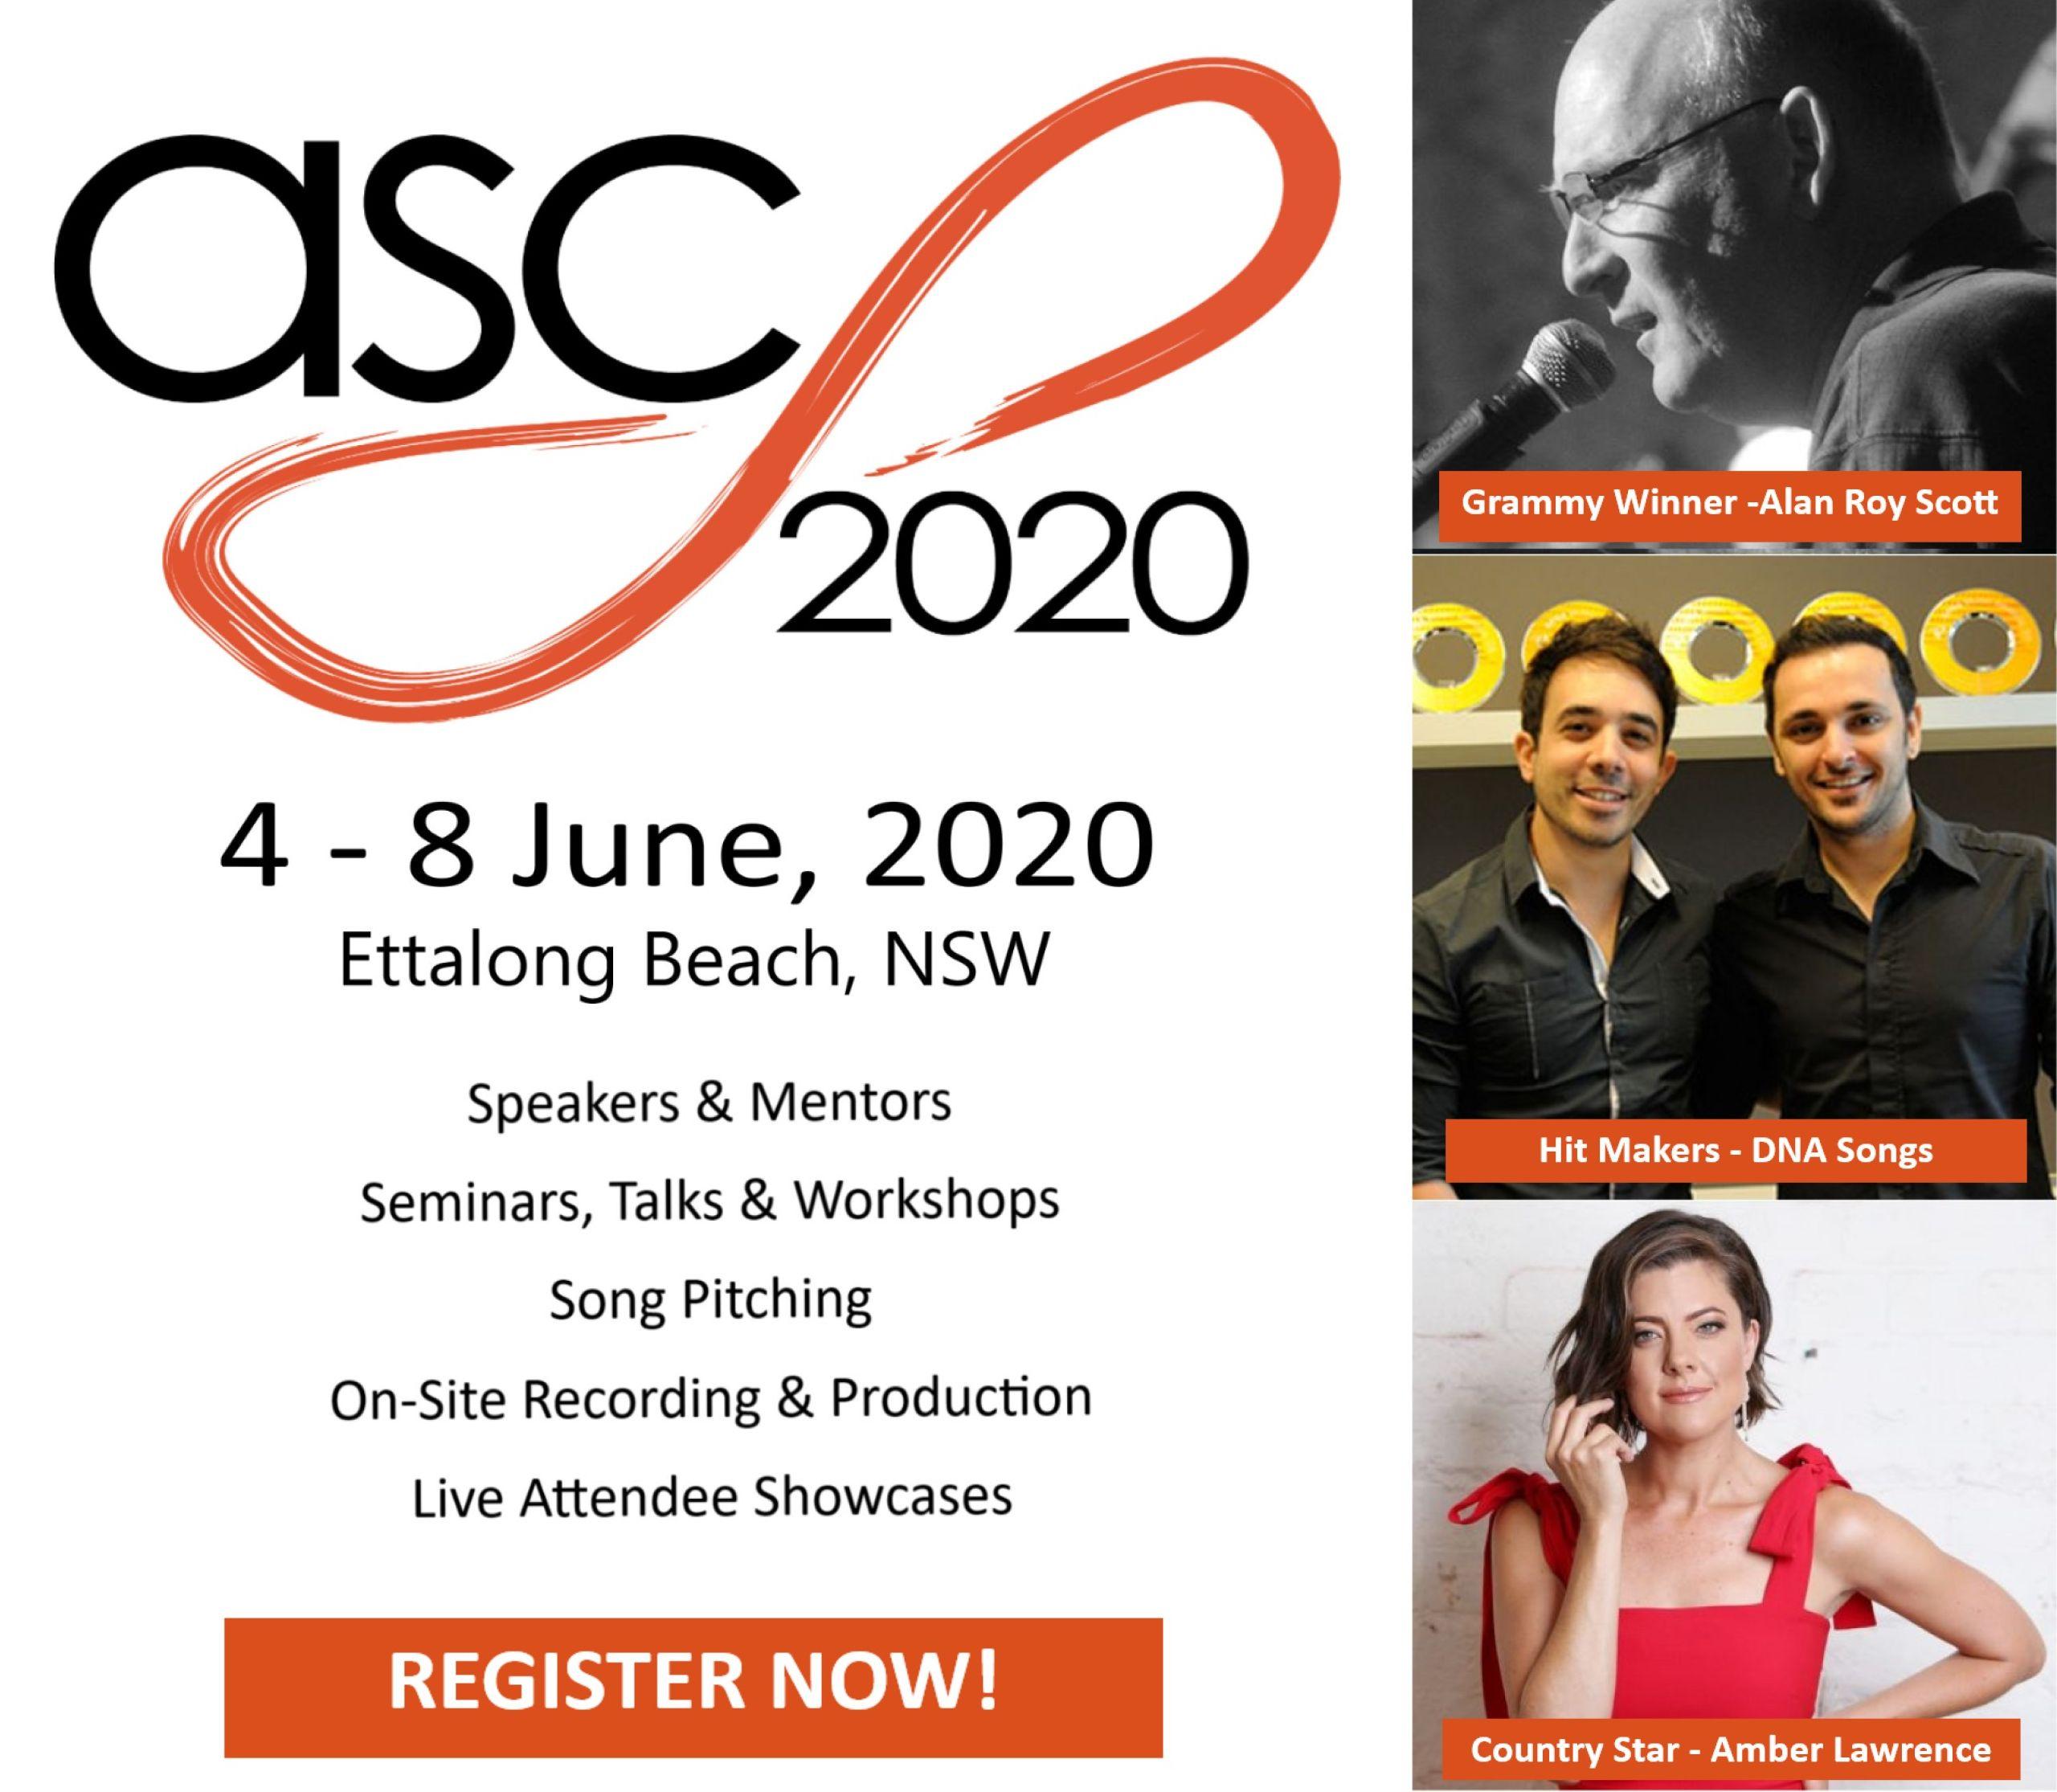 ASC2020 promo_ARS_DNA_AL